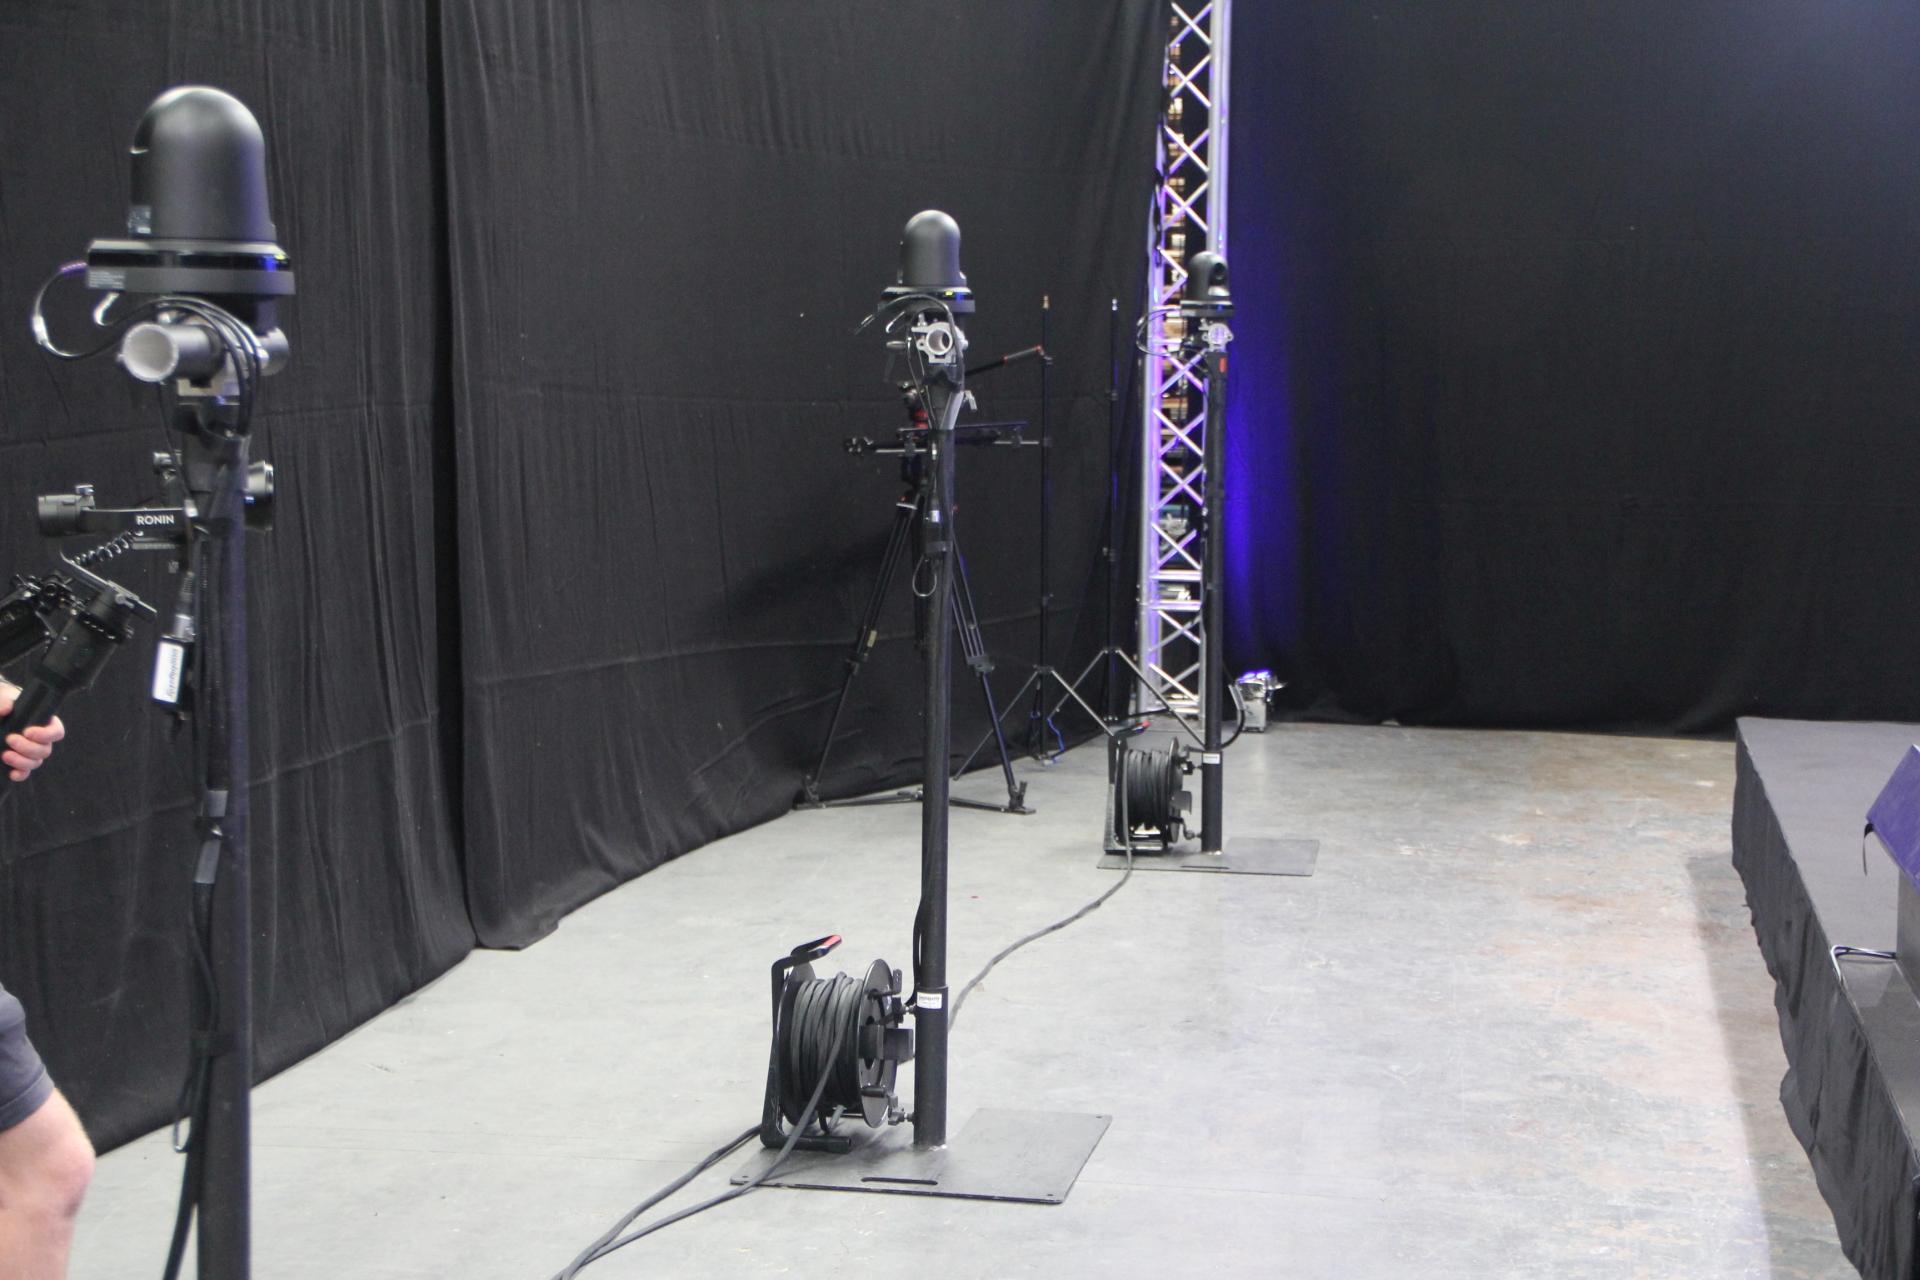 OBS PTZ Cameras